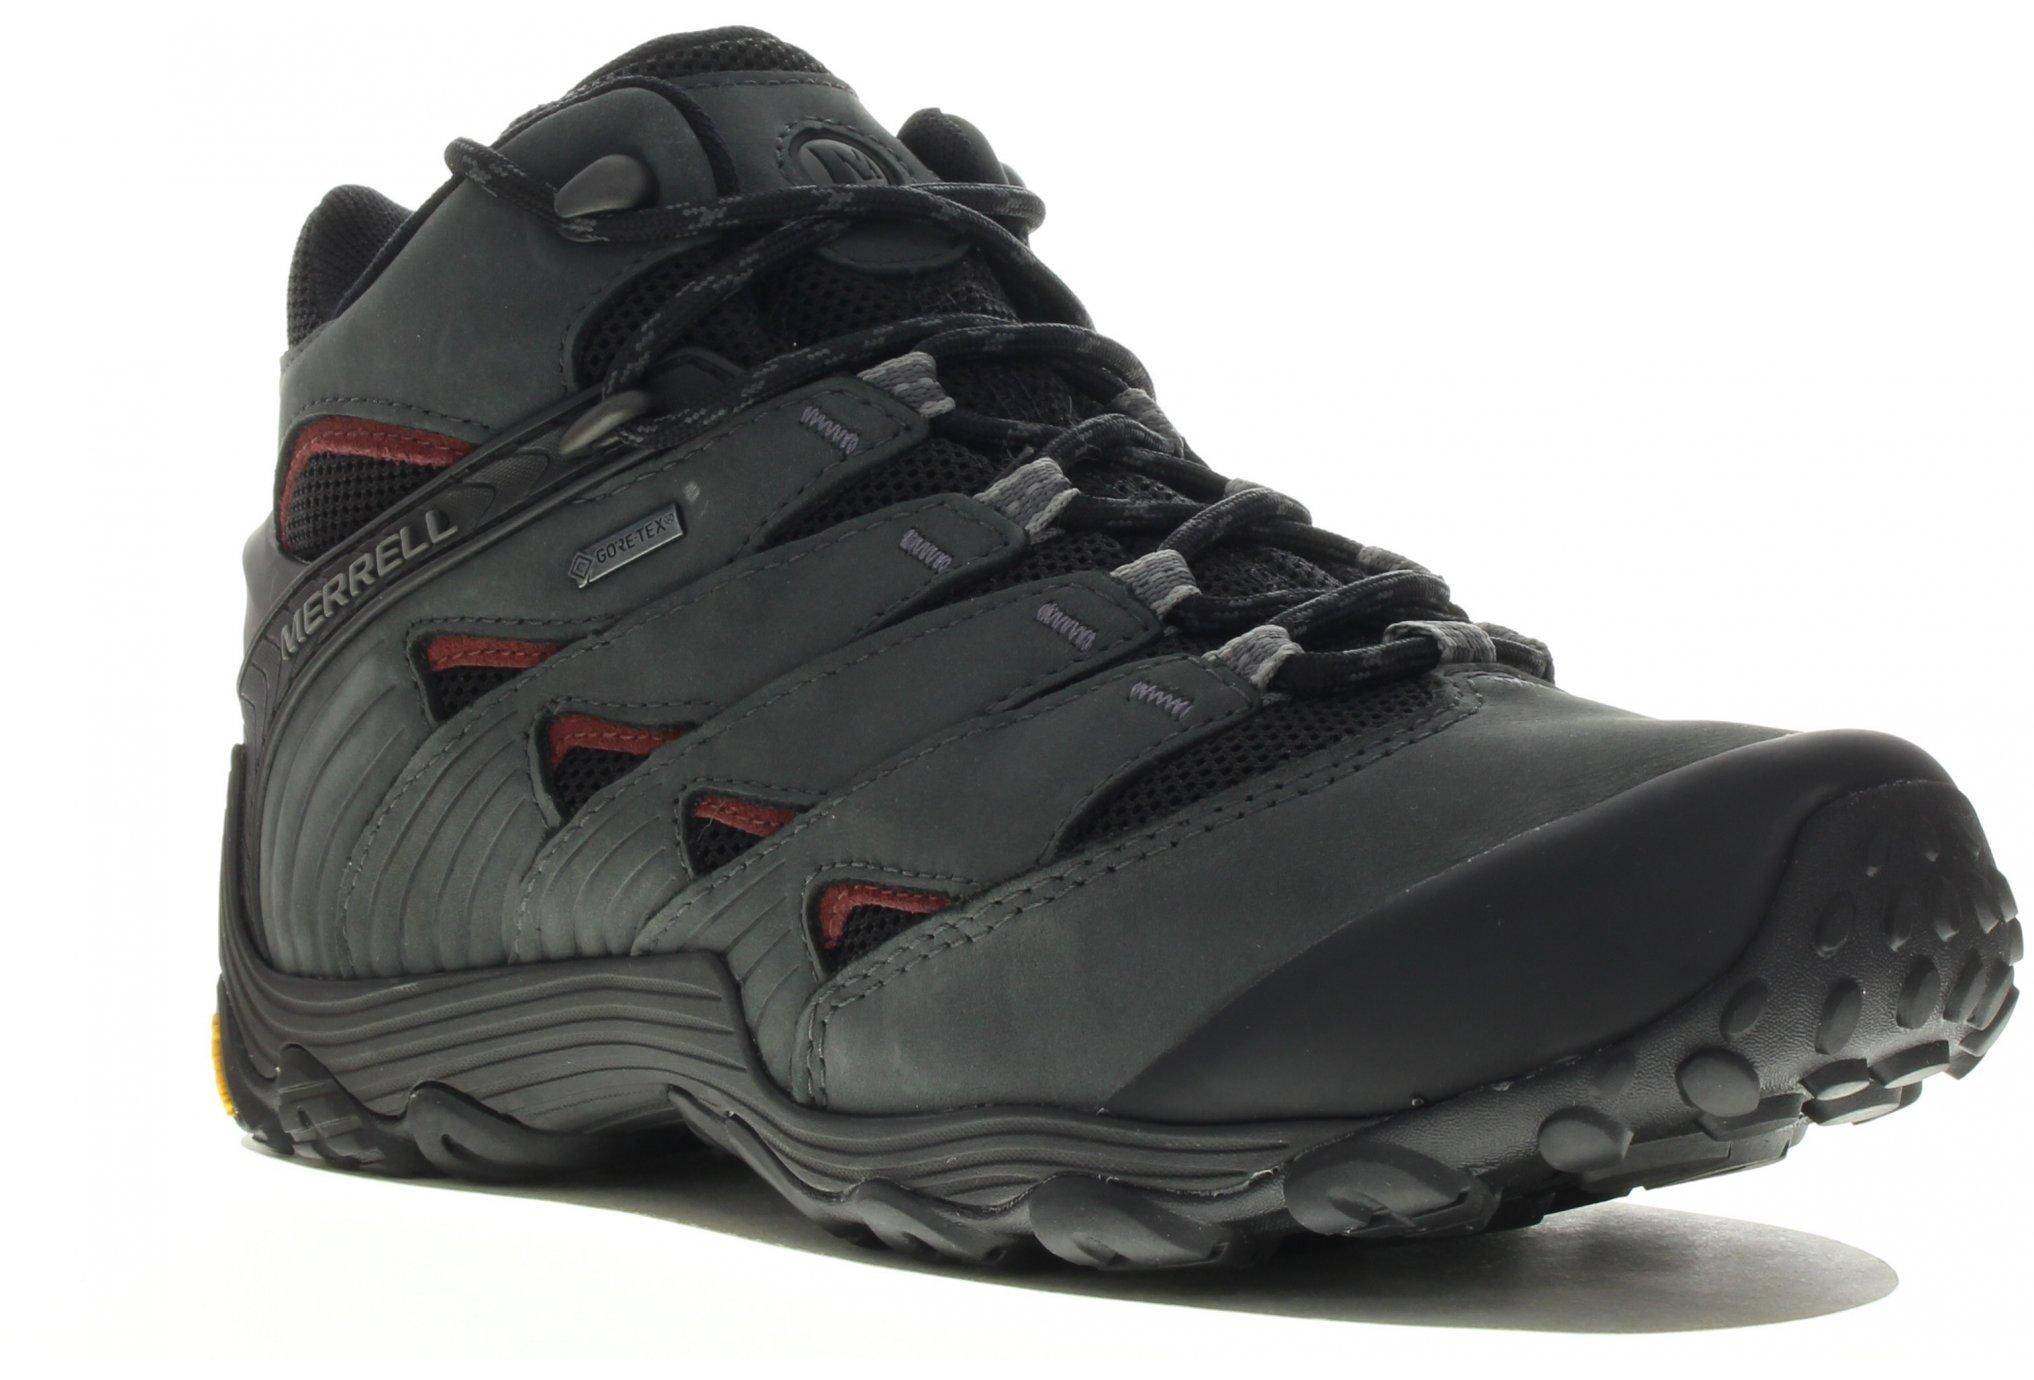 Merrell Chameleon 7 Mid Gore-Tex M Diététique Chaussures homme